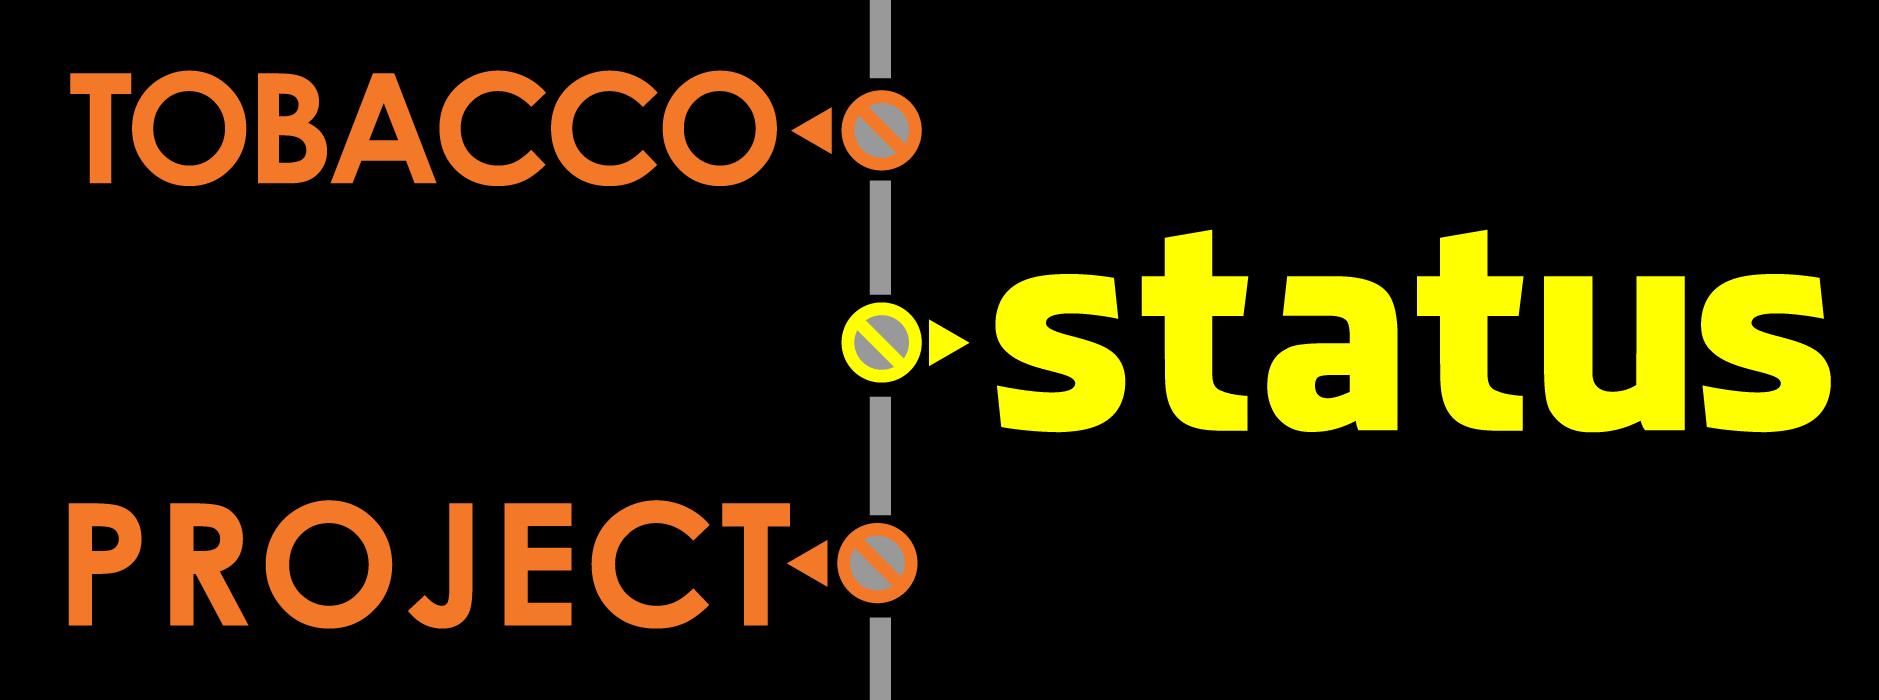 TSP logo.v1.0.png